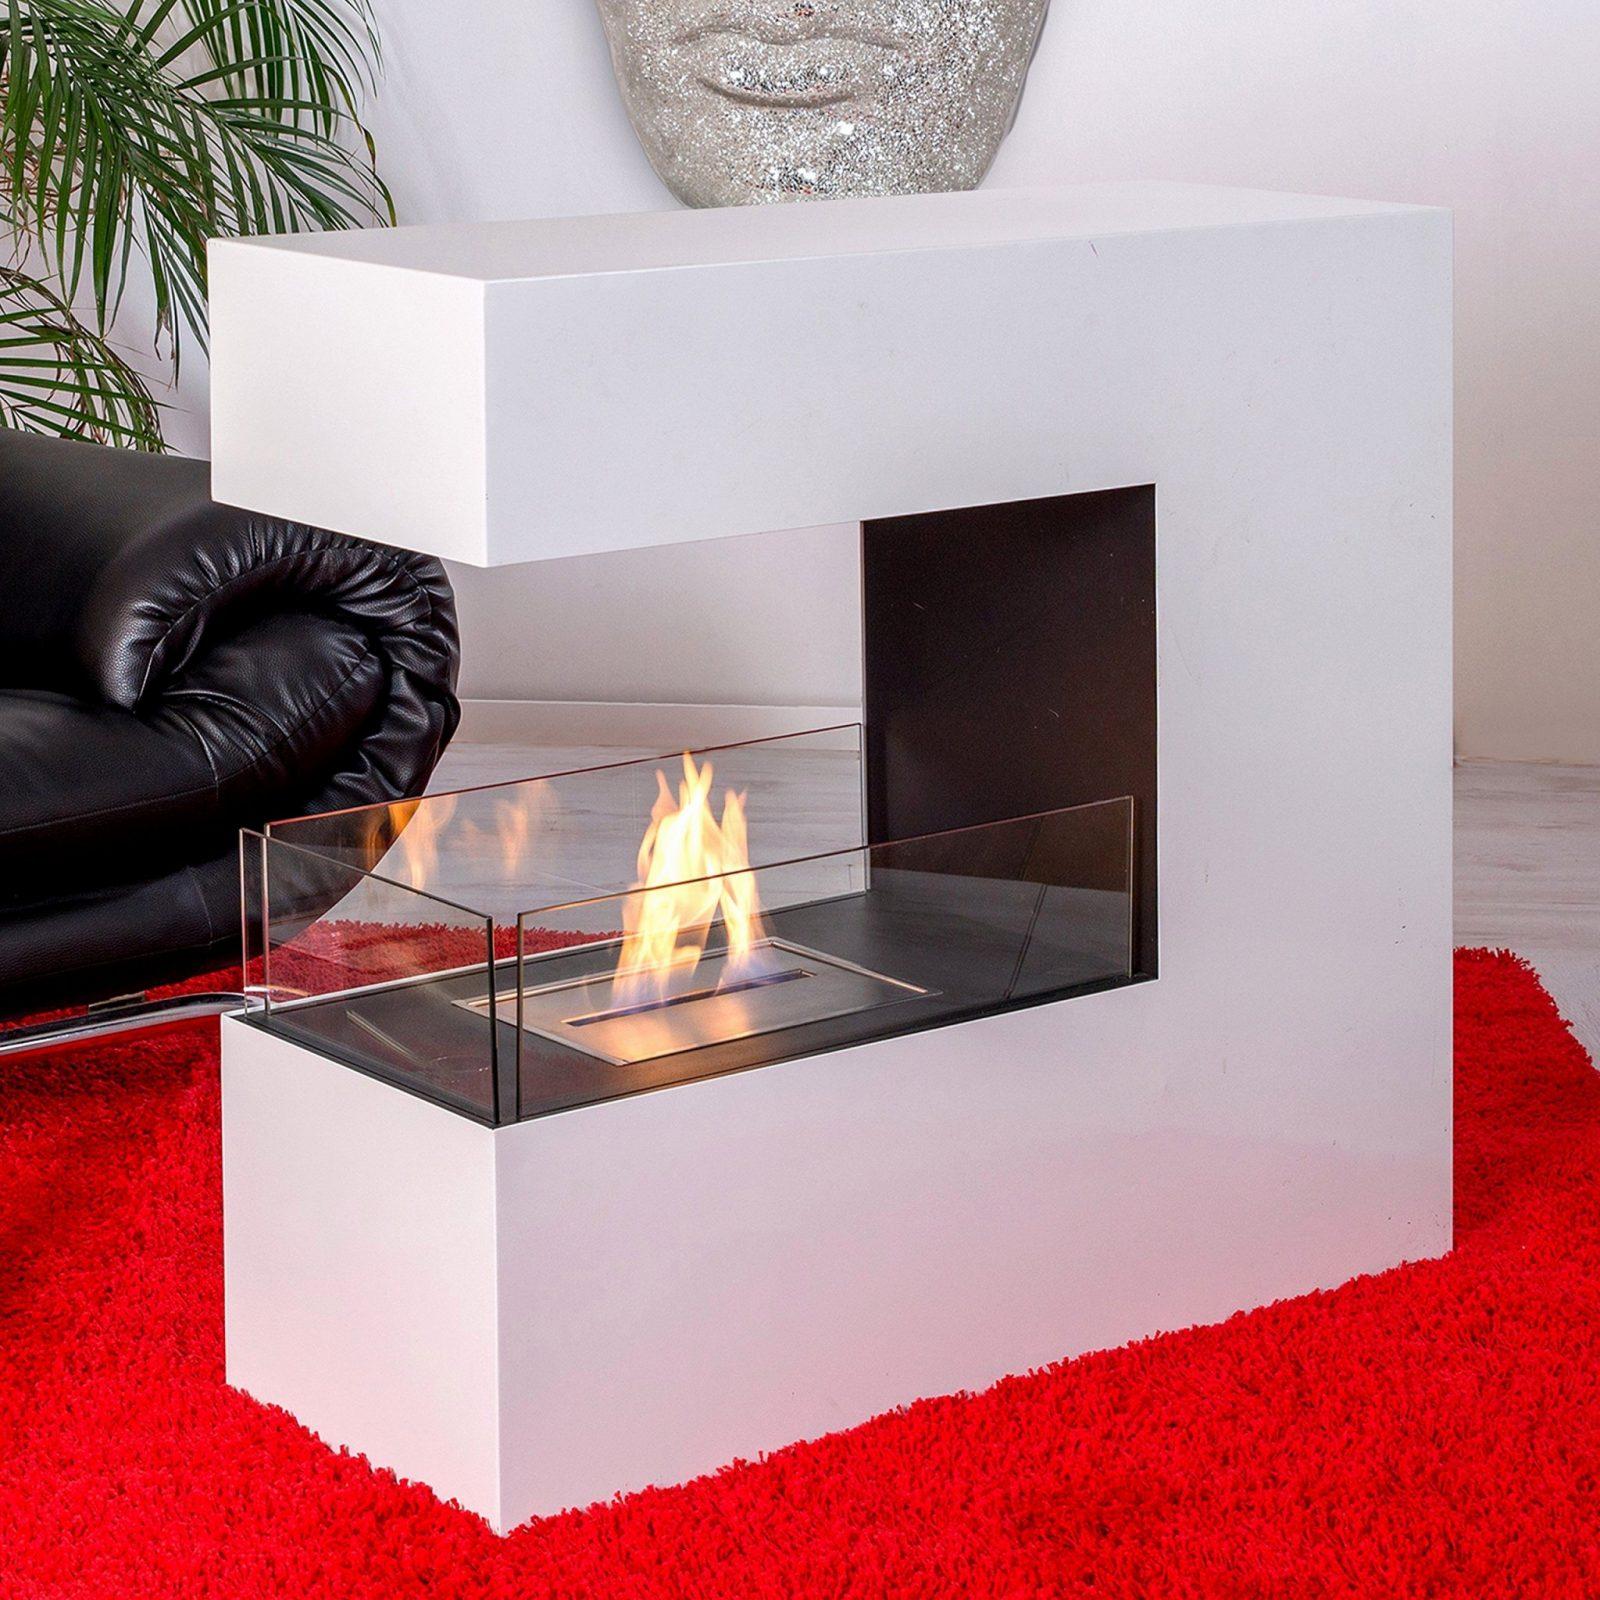 Kamin Attrappe Selber Bauen Best Luxury Holzofen Küche Für Planen von Kamin Attrappe Selber Bauen Photo